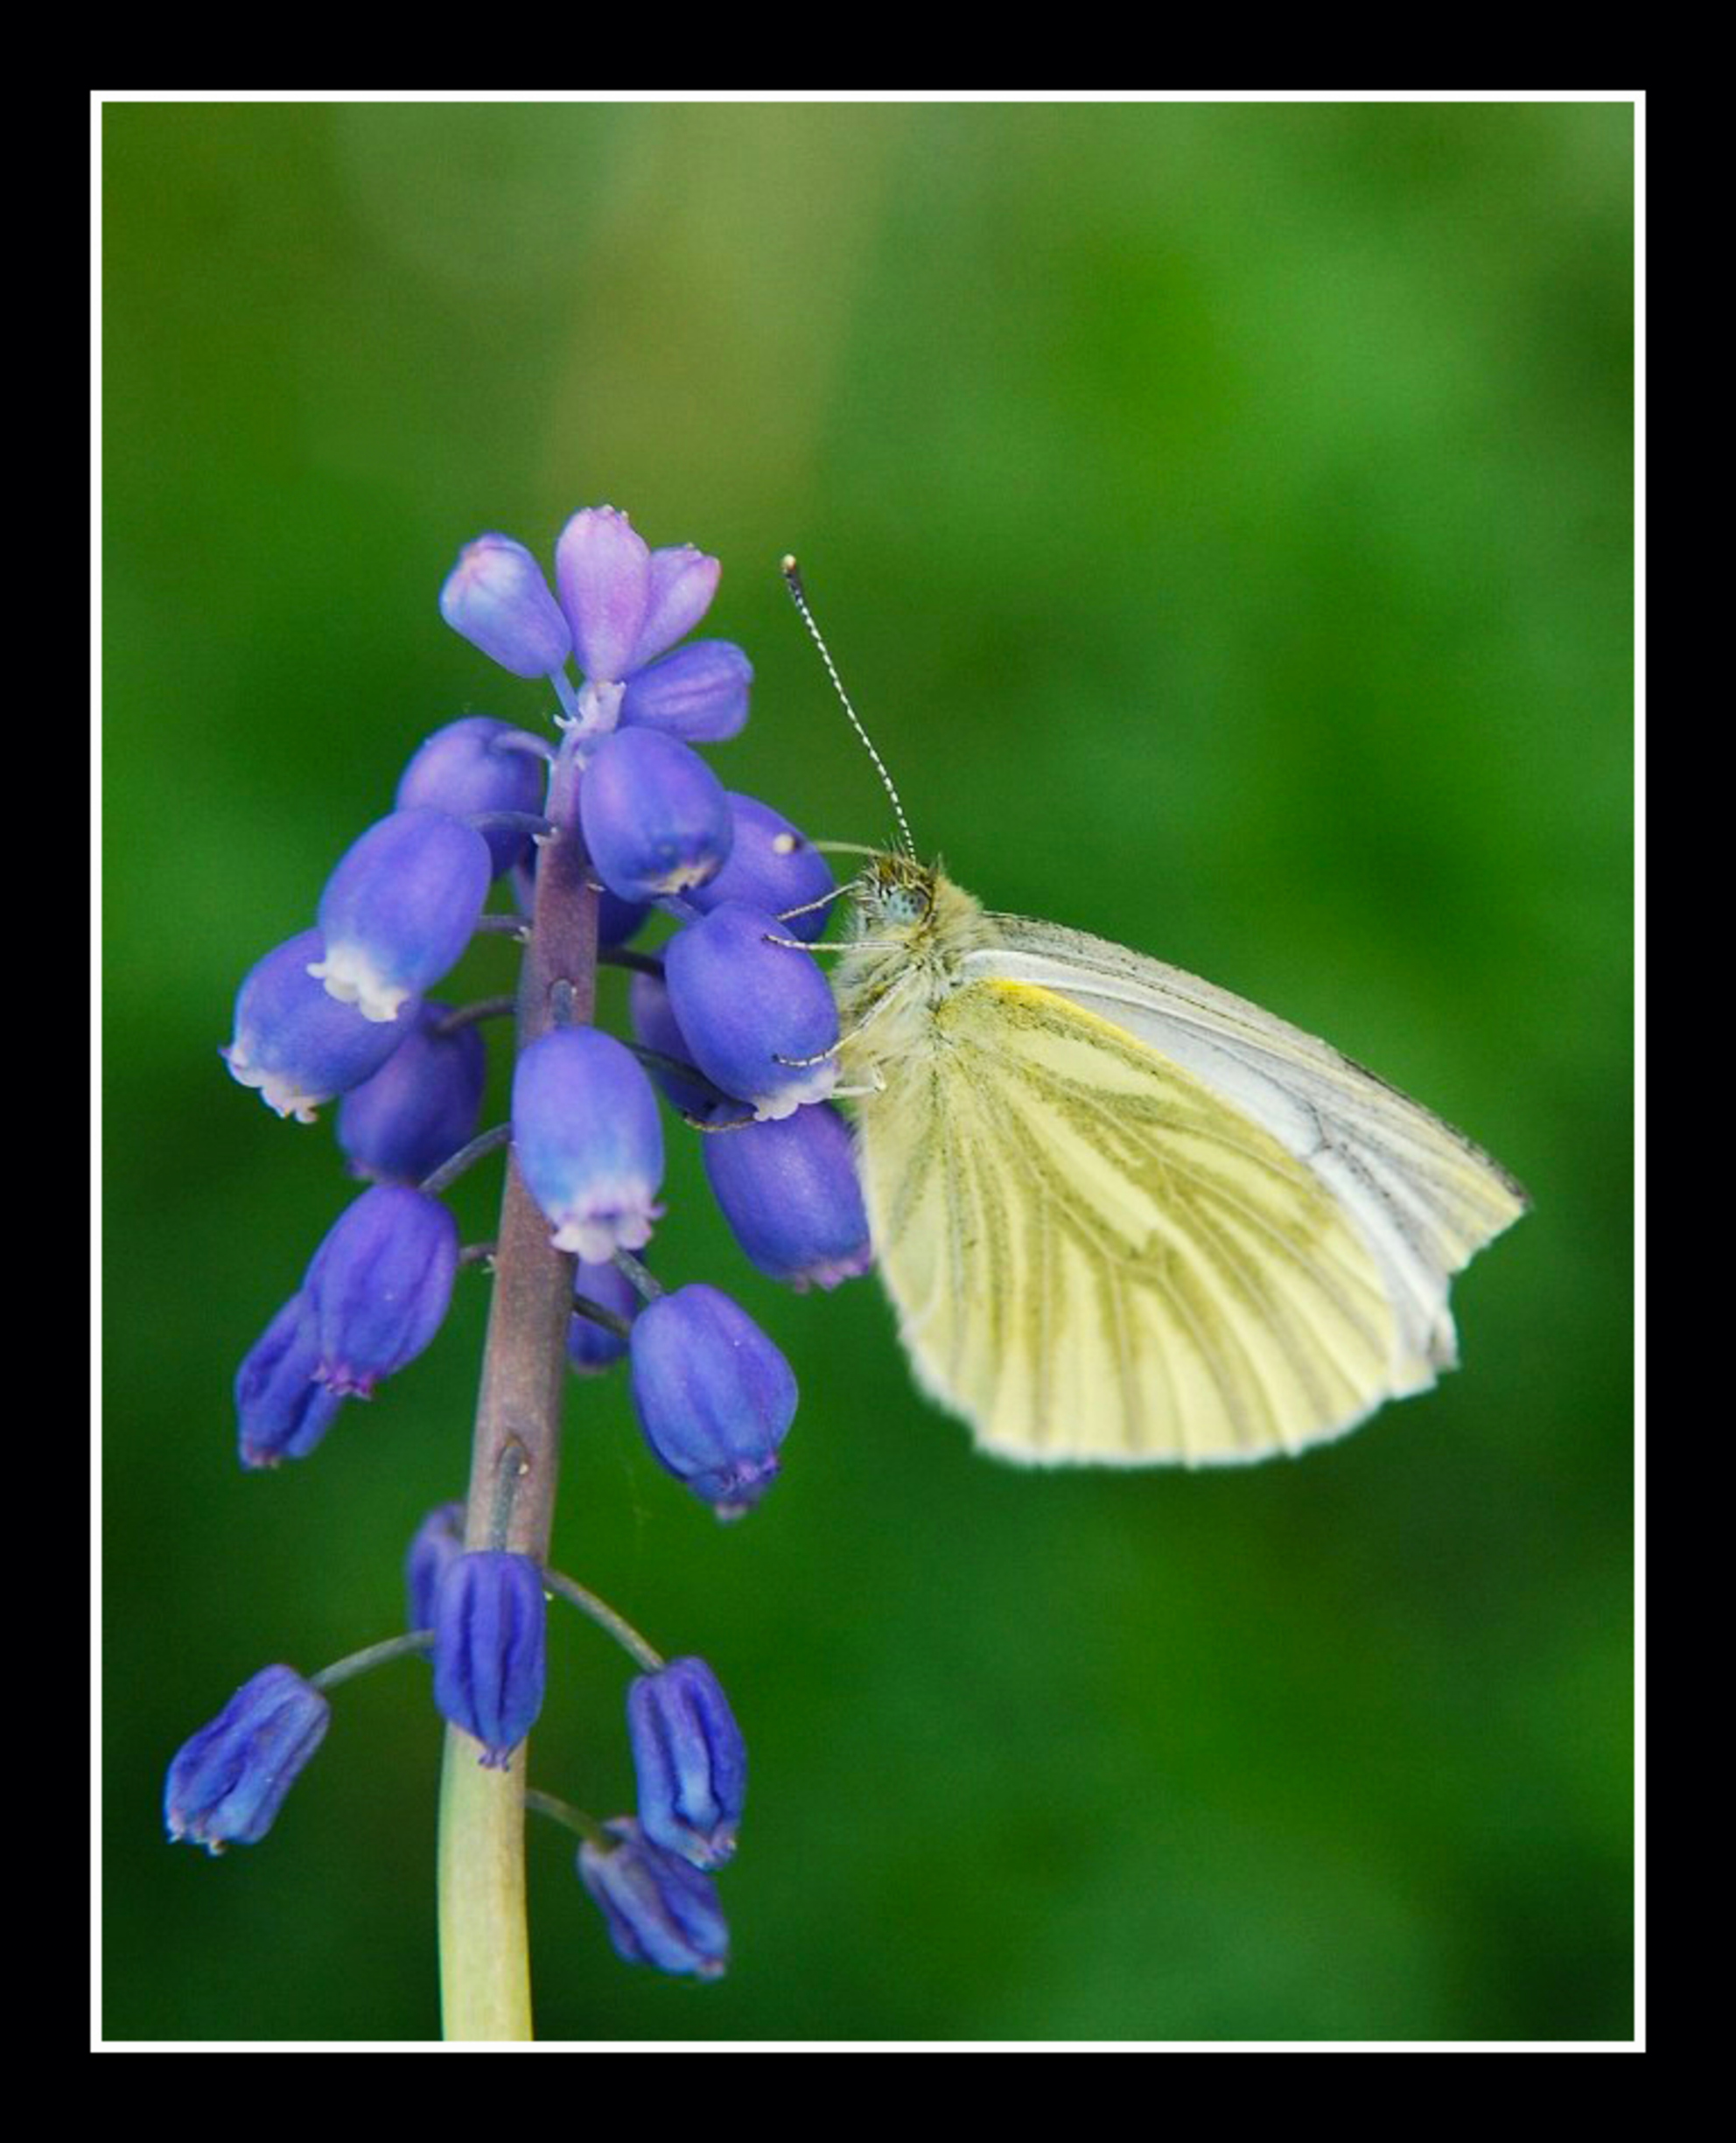 vlinders - Ja !!!!!! Ze zijn er weer volop de vlinders. Ben vandaag even wezen kijken en heb al mooi wat soorten kunnen vastleggen. Dit is een voorbeeld: het ge - foto door ruurd1 op 18-04-2009 - deze foto bevat: vlinder, ruurd1